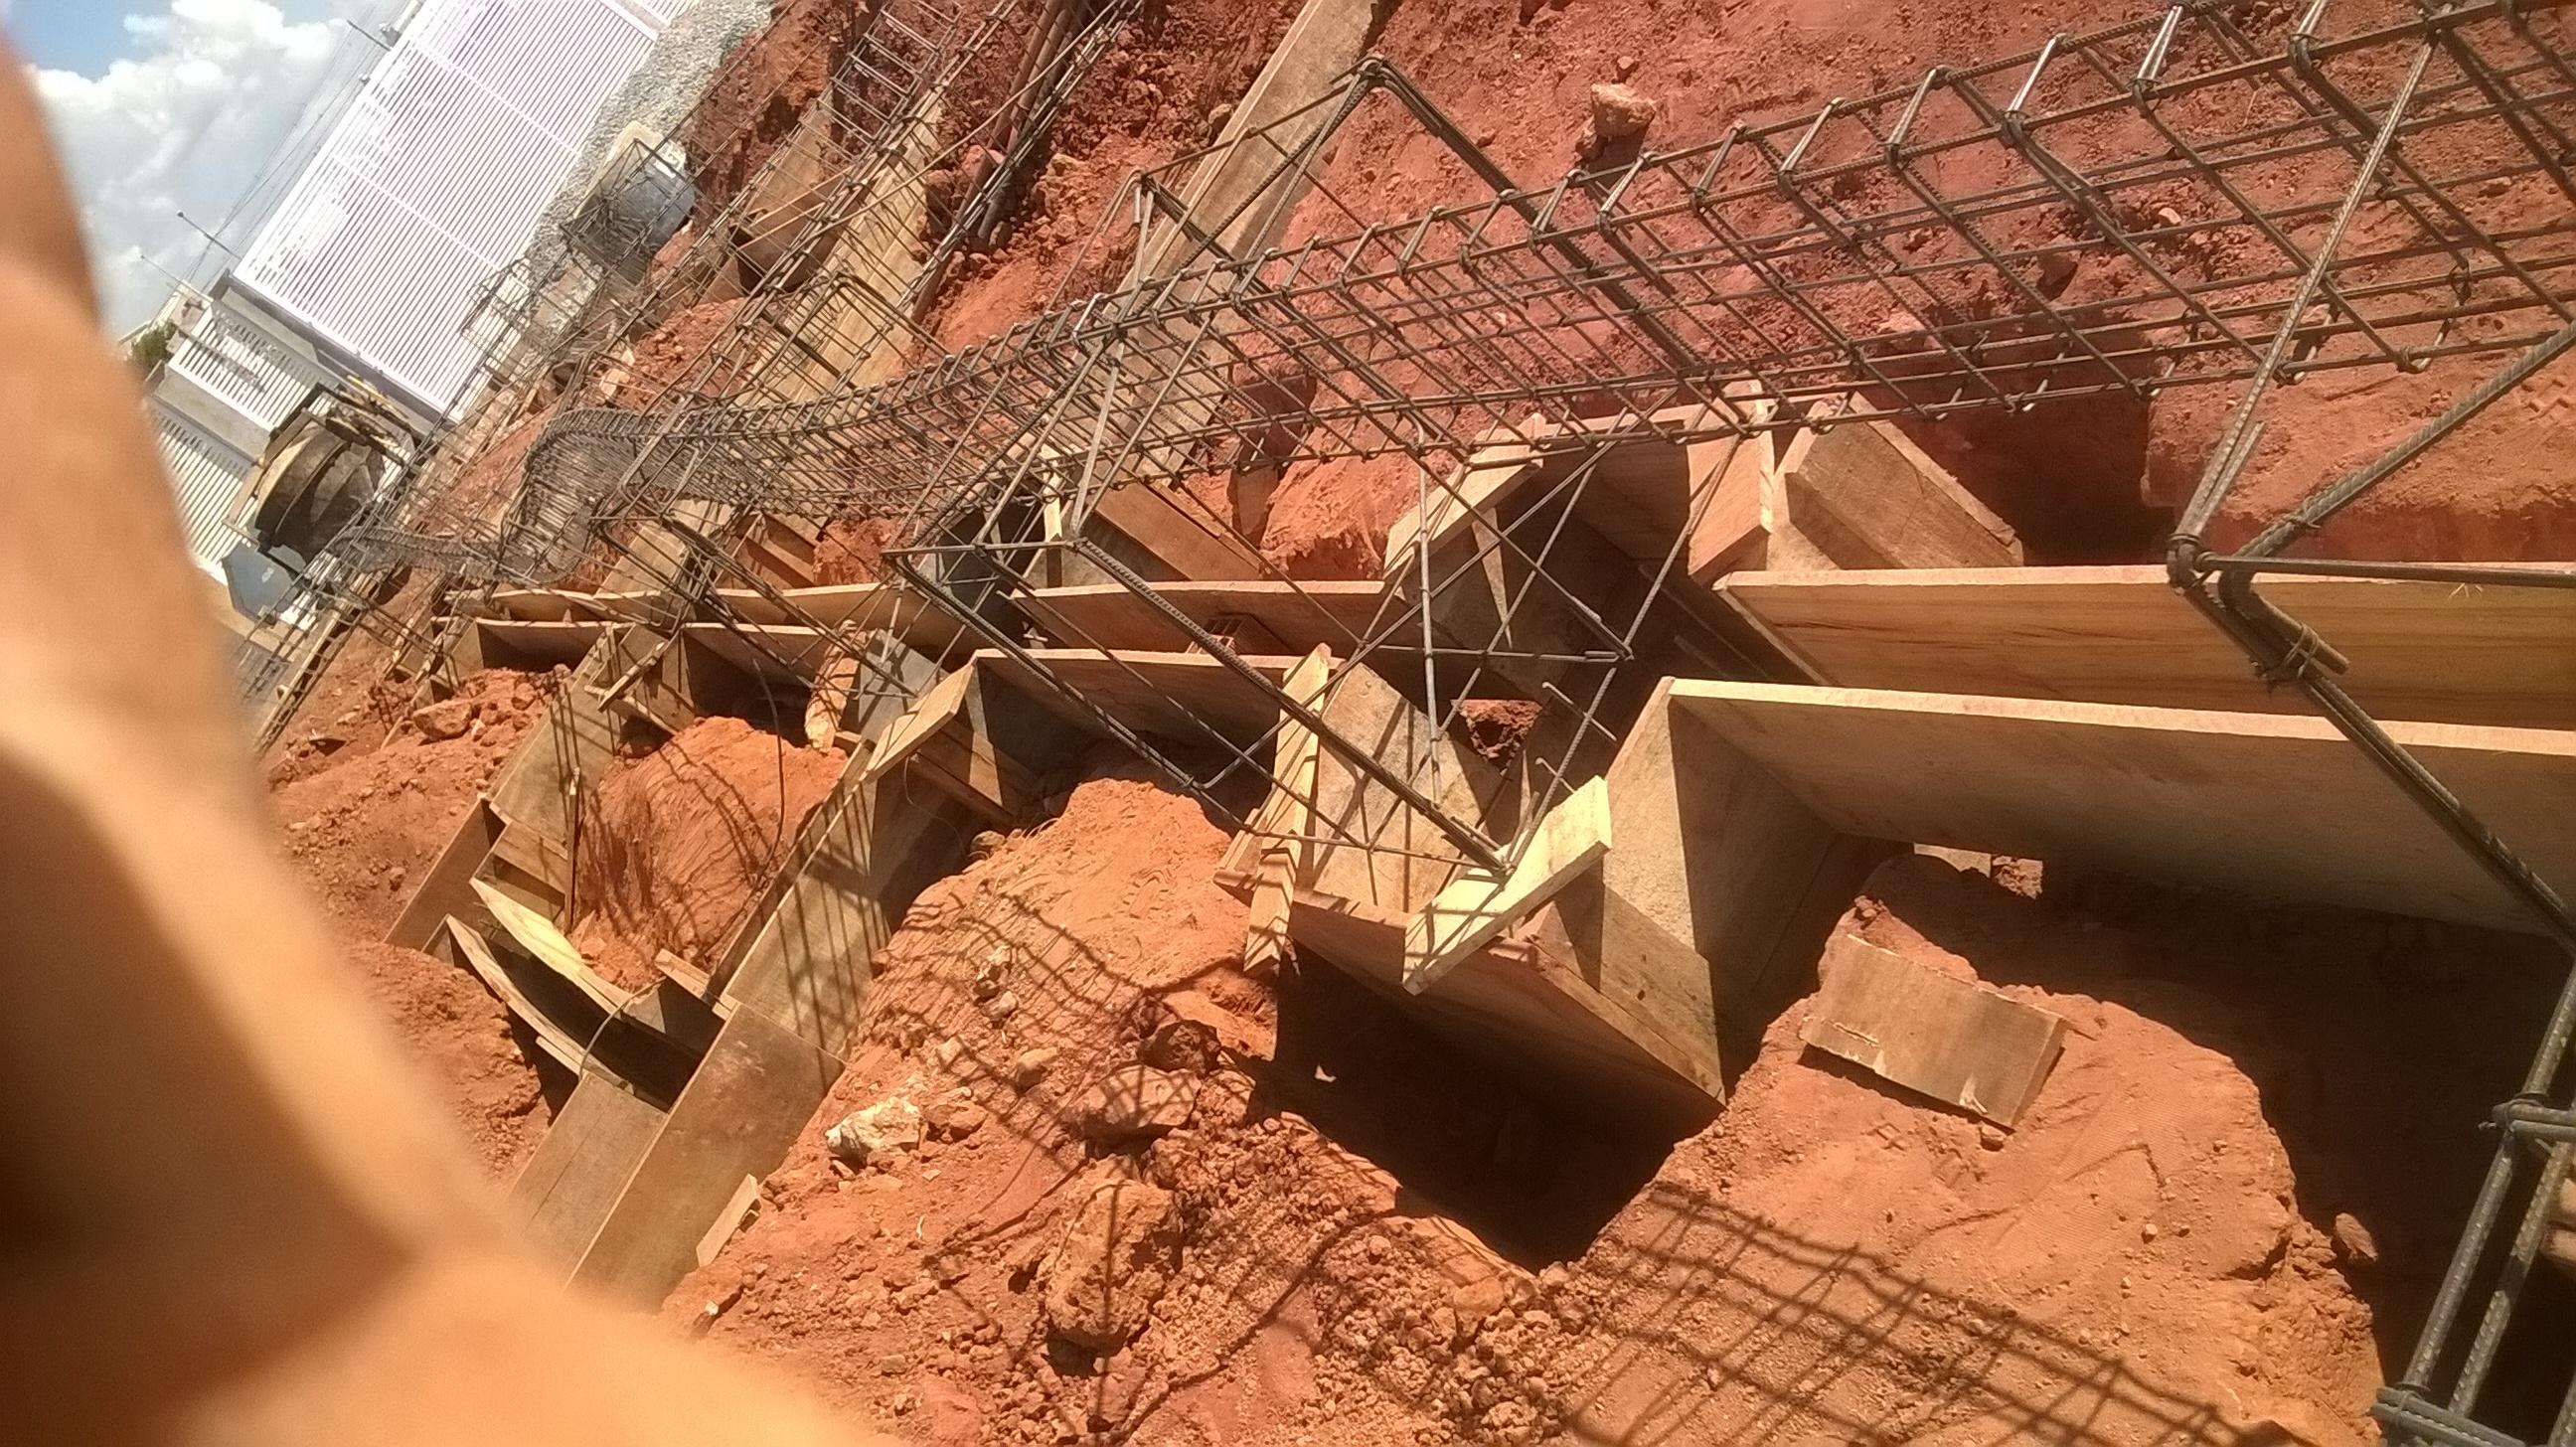 Empresa de Construção, Lago Sul, Brasilia - DF (3)